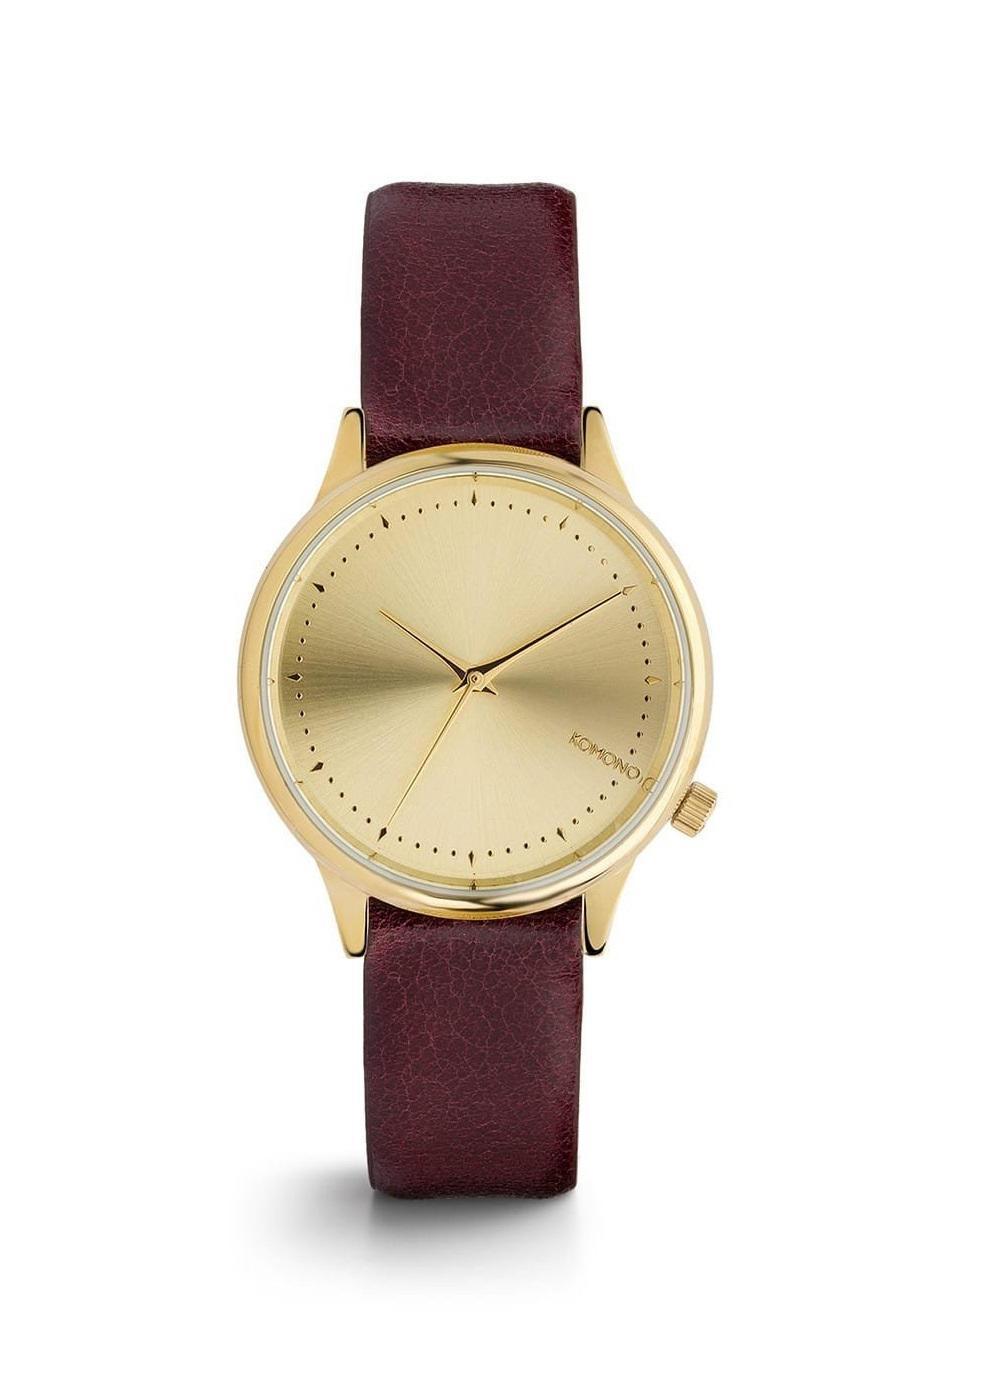 Komono Dámské hodinky Komono Estelle Burgundy, červená barva, zlatá barva, kov, kůže